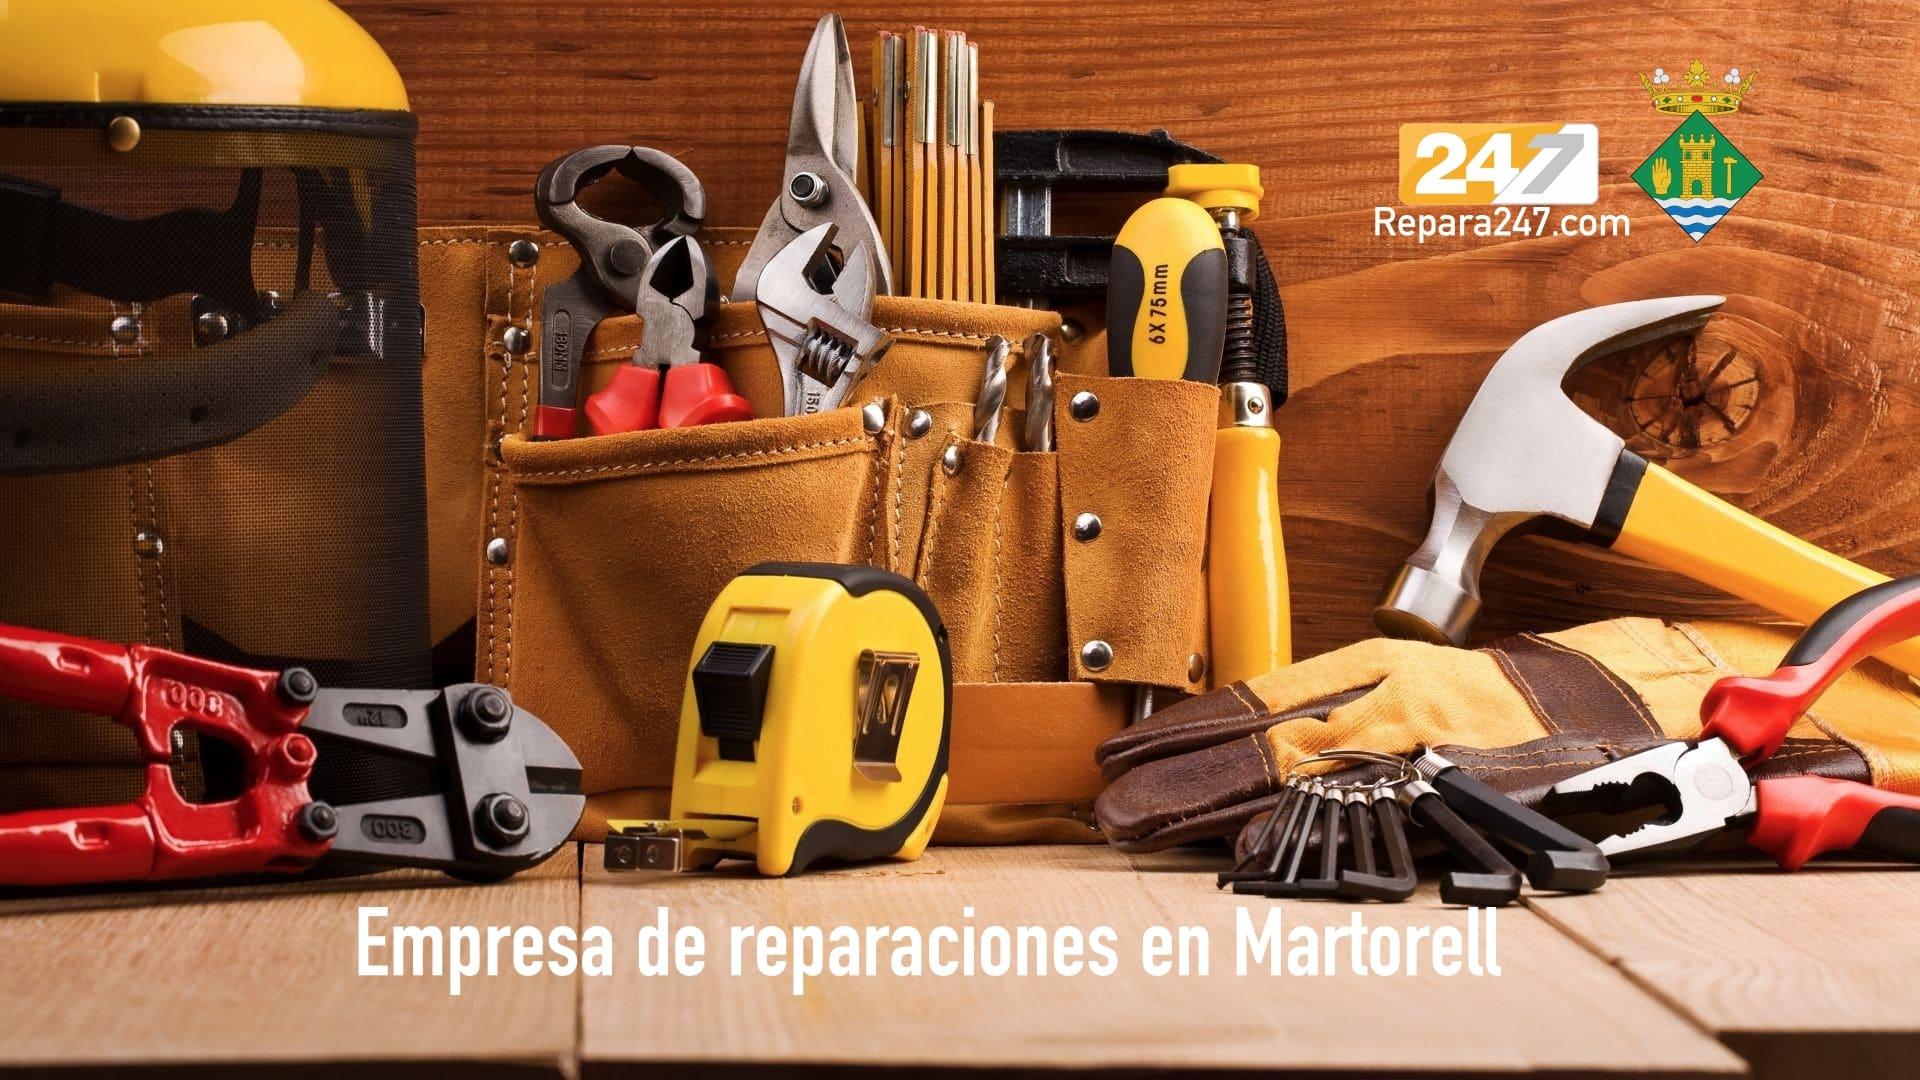 Empresa de reparaciones en Martorell